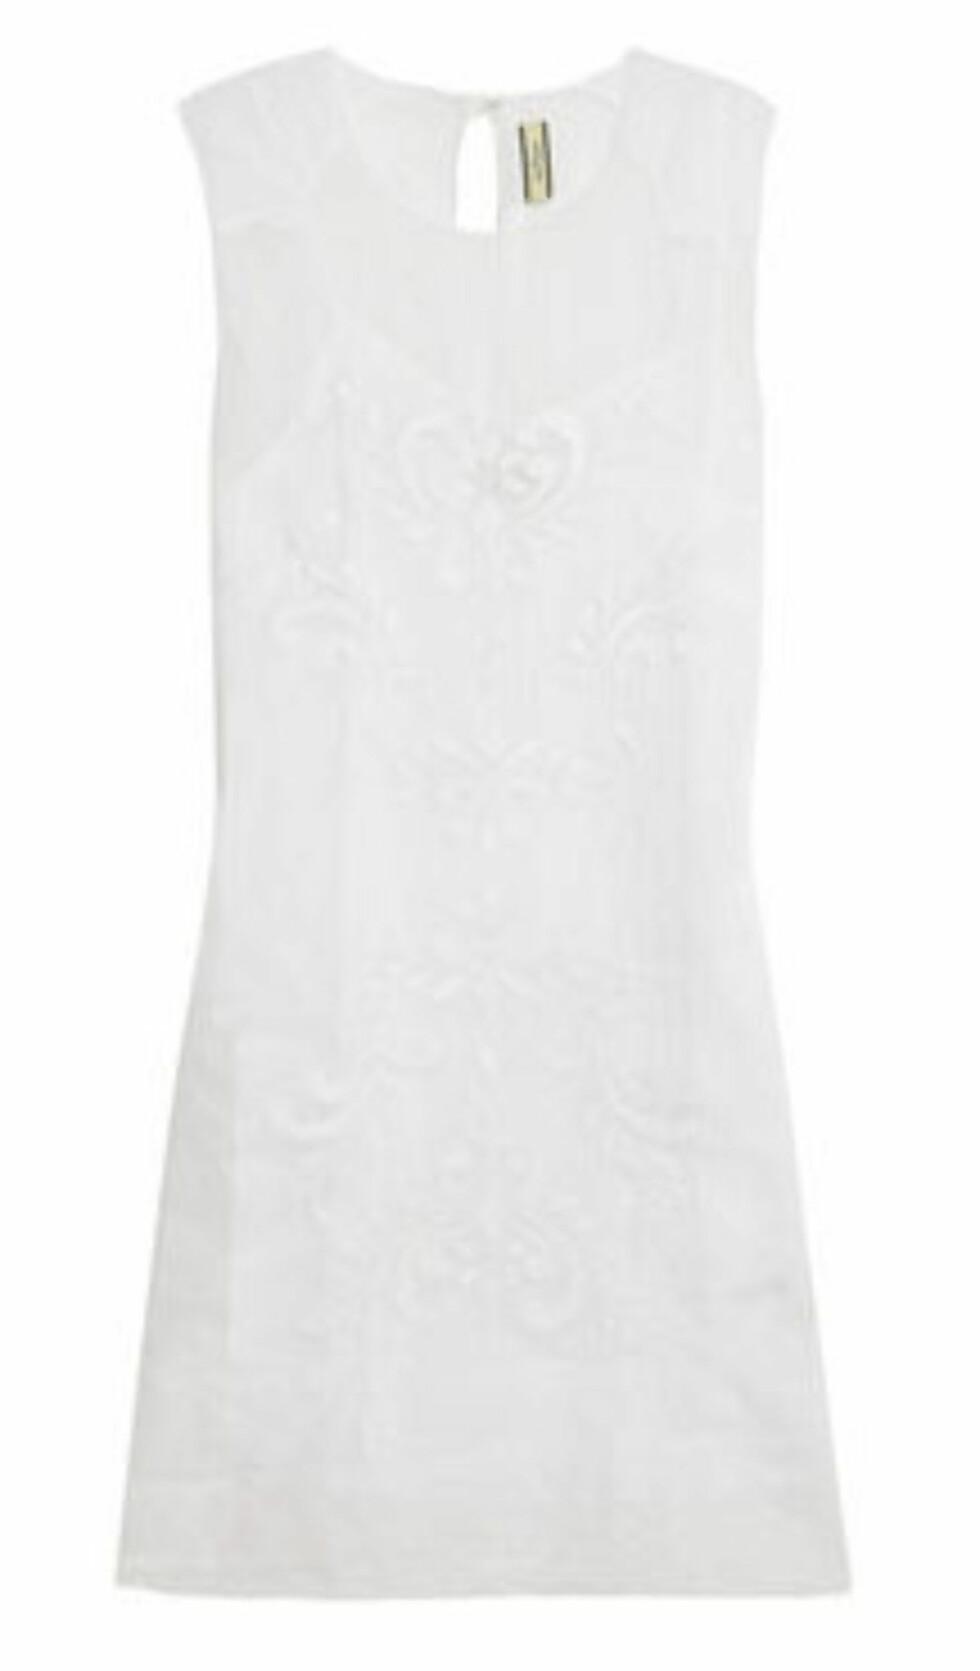 Enkel kjole med blonder fra By Malene Birger (kr 2200, Net-a-Porter.com). Foto: Produsentene